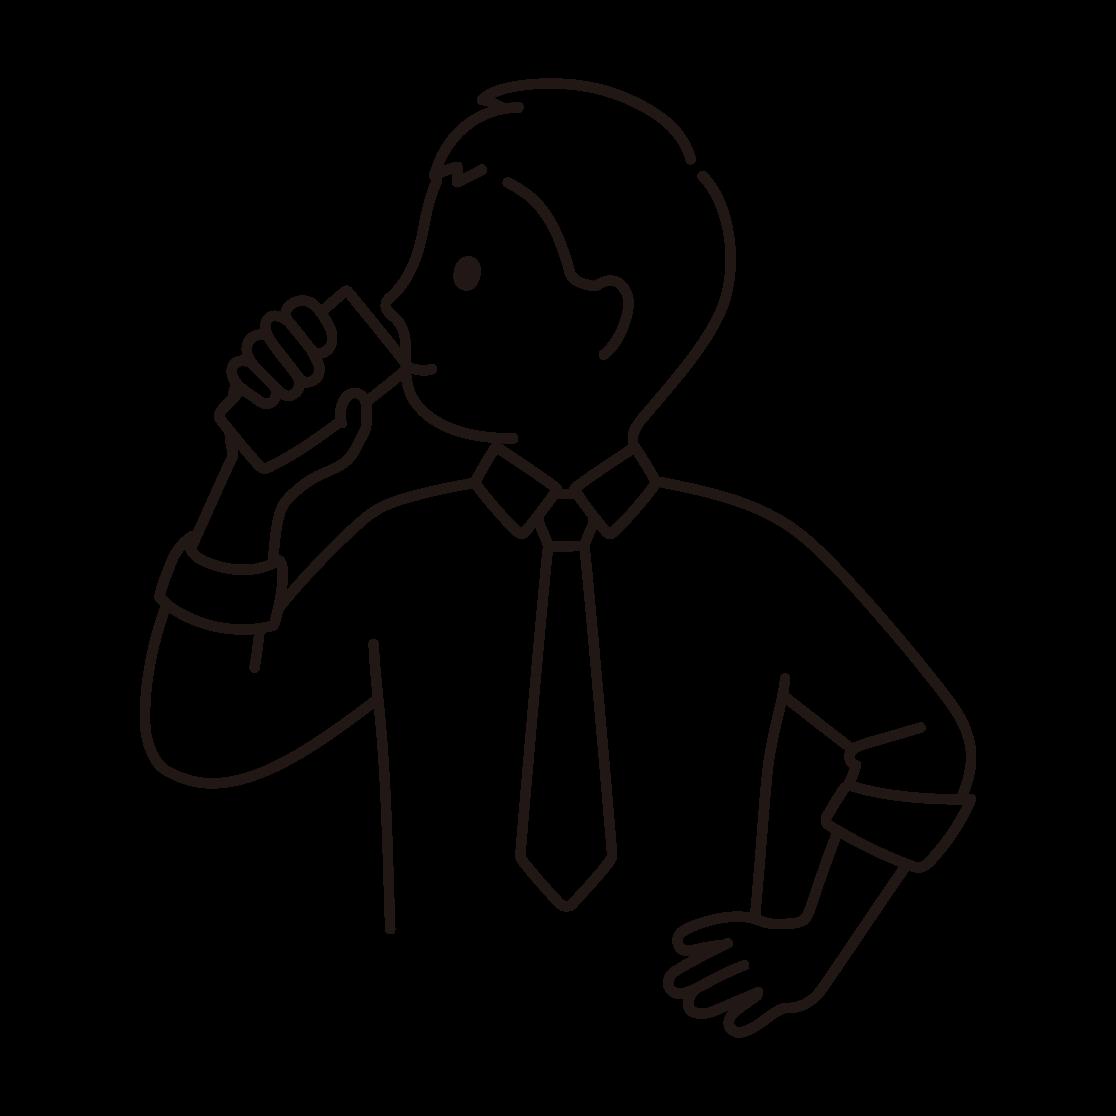 牛乳を飲む男性の線画イラスト